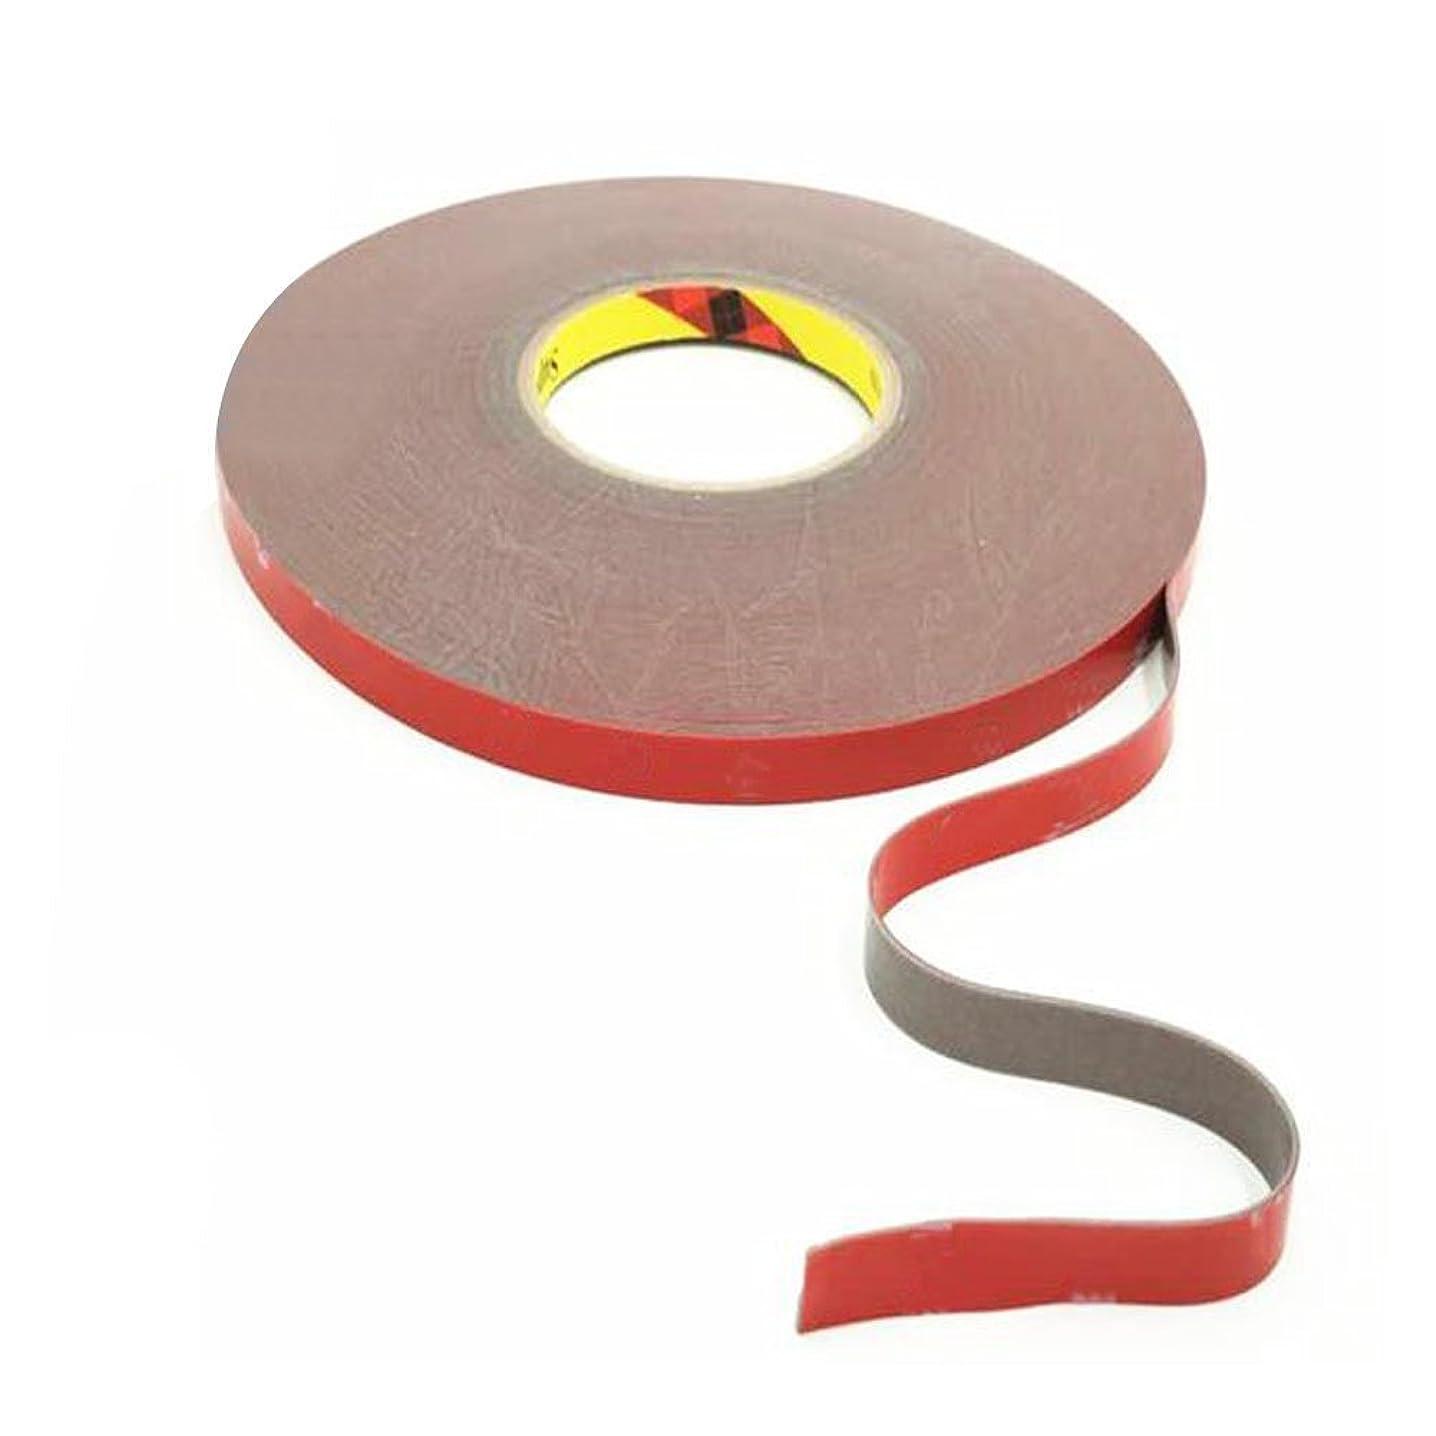 Eforlike 1 Piece 4229P Double Sided Acrylic Foam Mounting Tape (Width: 10MM/0.39